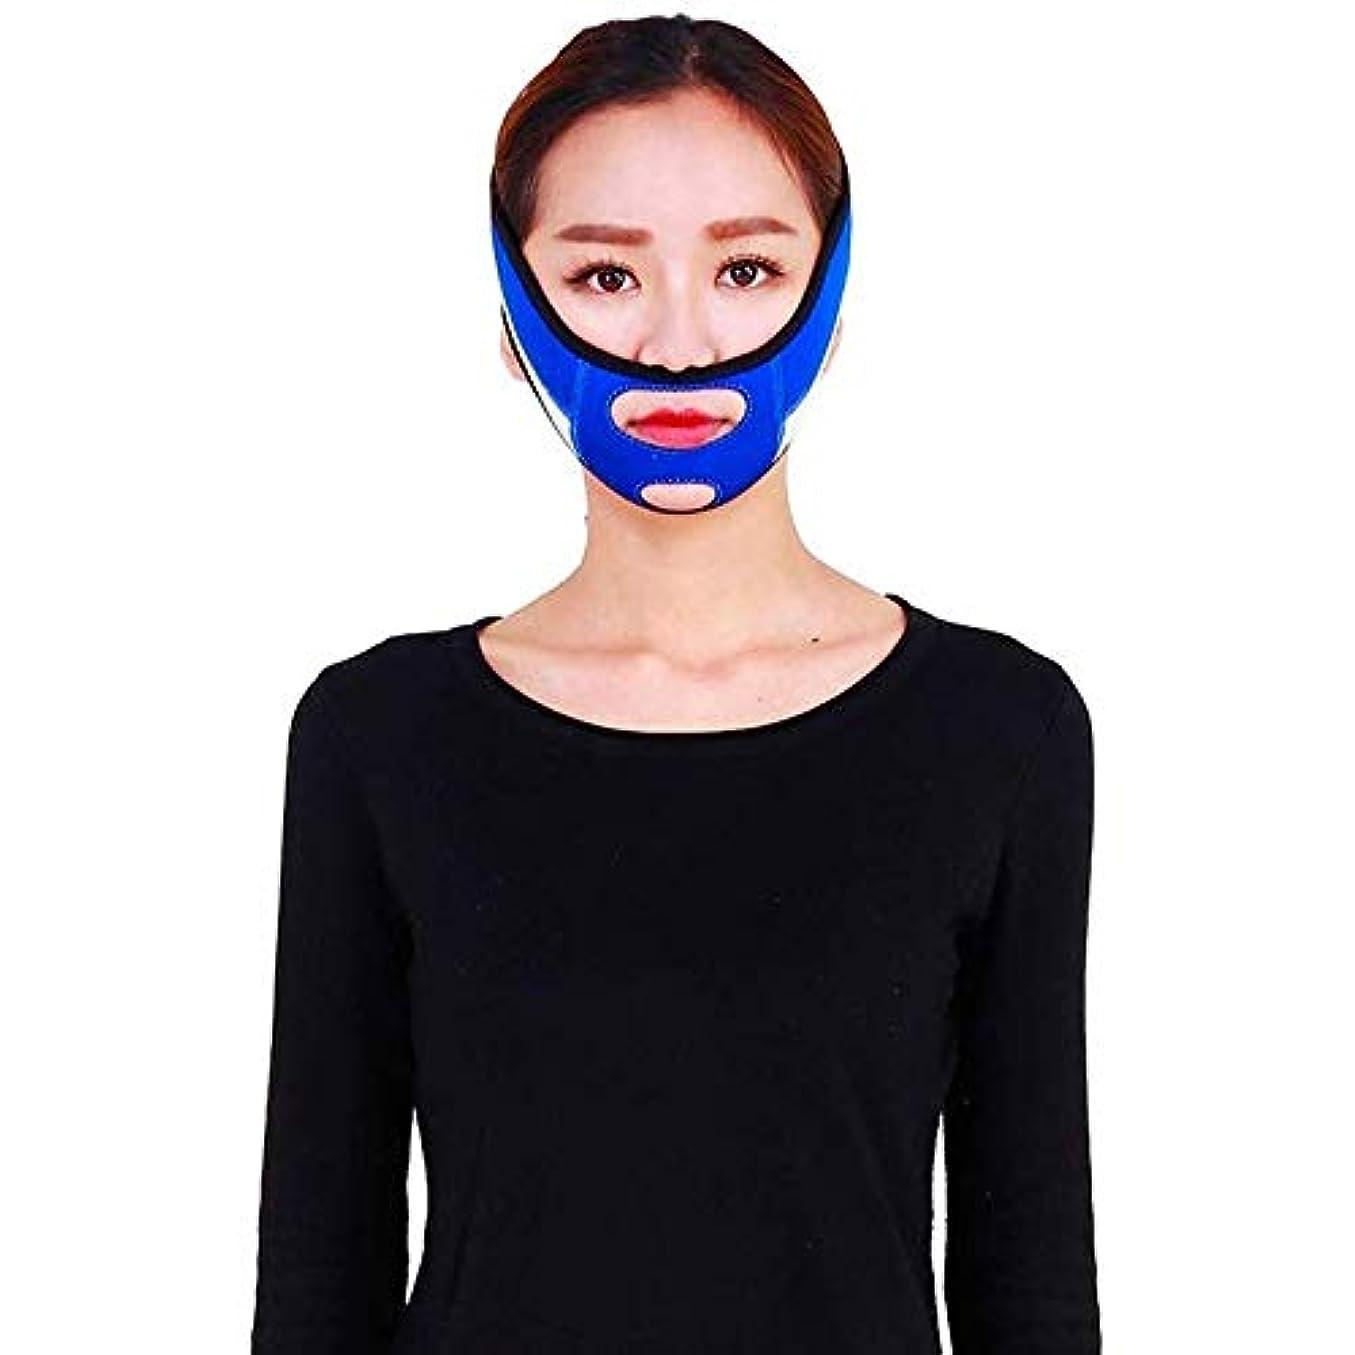 起業家ミニチュア定期的WSJTT 女性のための顔のリフティングベルト、Vラインチンチークリフトアップバンドアンチリンクル包帯、スリミング包帯二重あごケア減量Vフェイスベルト補正ベルト